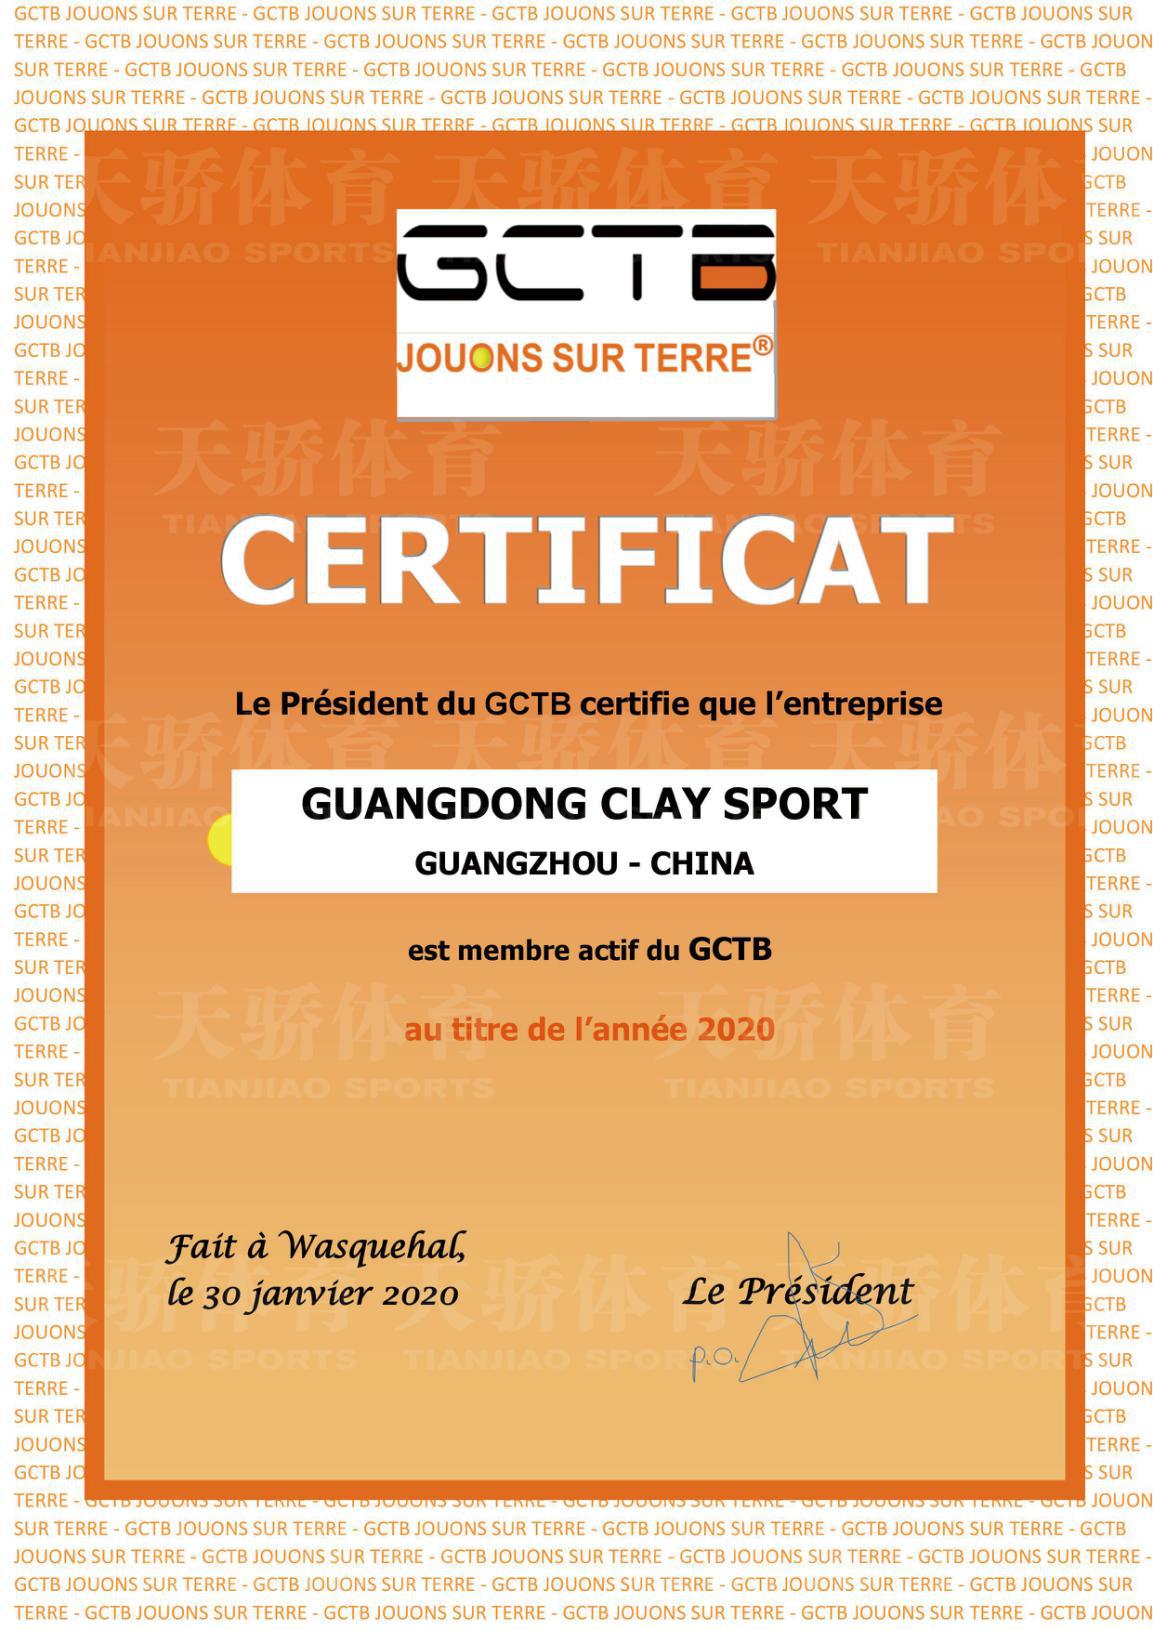 法国long8cclong8 vip手机版场建造委员会(GCTB)官宣:全球唯一非法籍会员代表